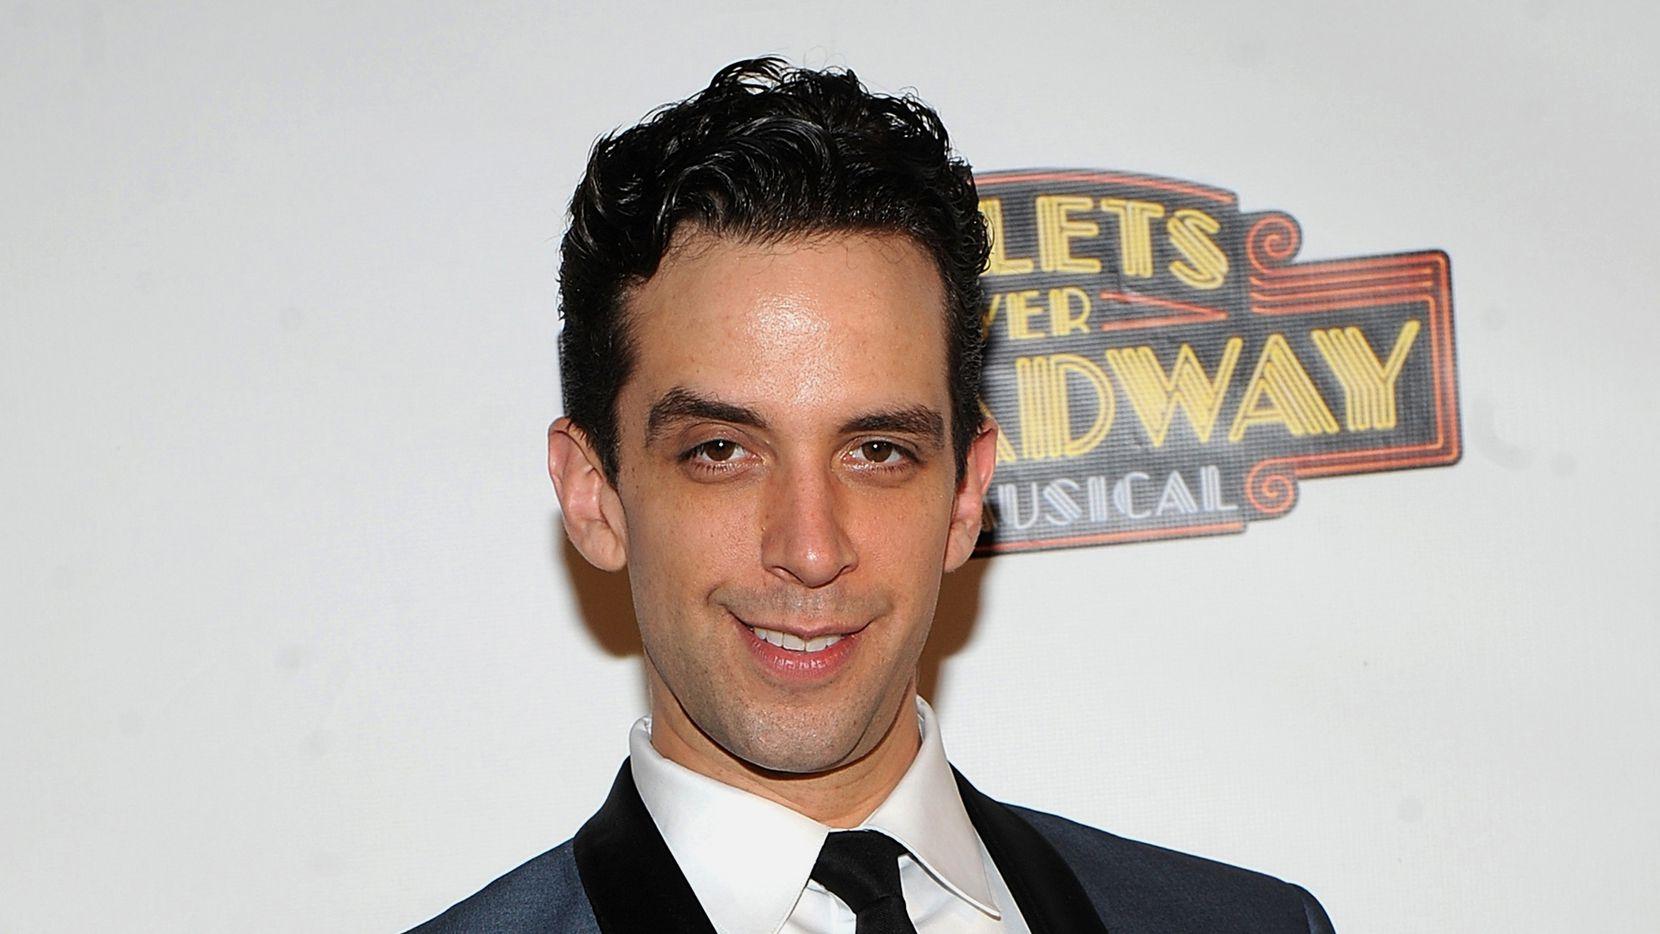 Foto tomada el 10 de abril del 2014 del actor de Broadway Nick Cordero en Nueva York.  (Photo by Brad Barket/Invision/AP, File)